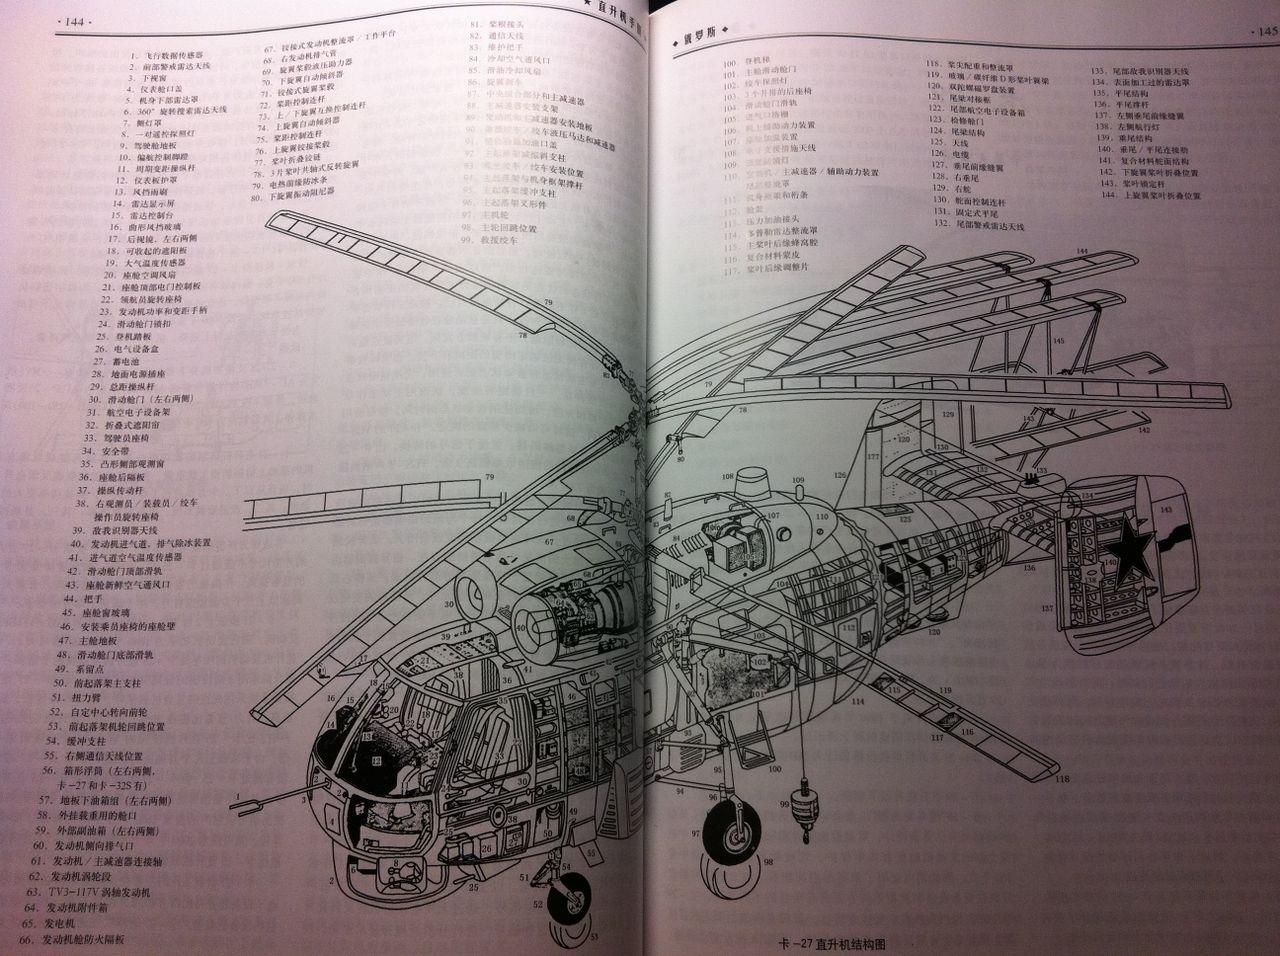 请问共轴双桨直升机的原理和构造当然有图片是最好的